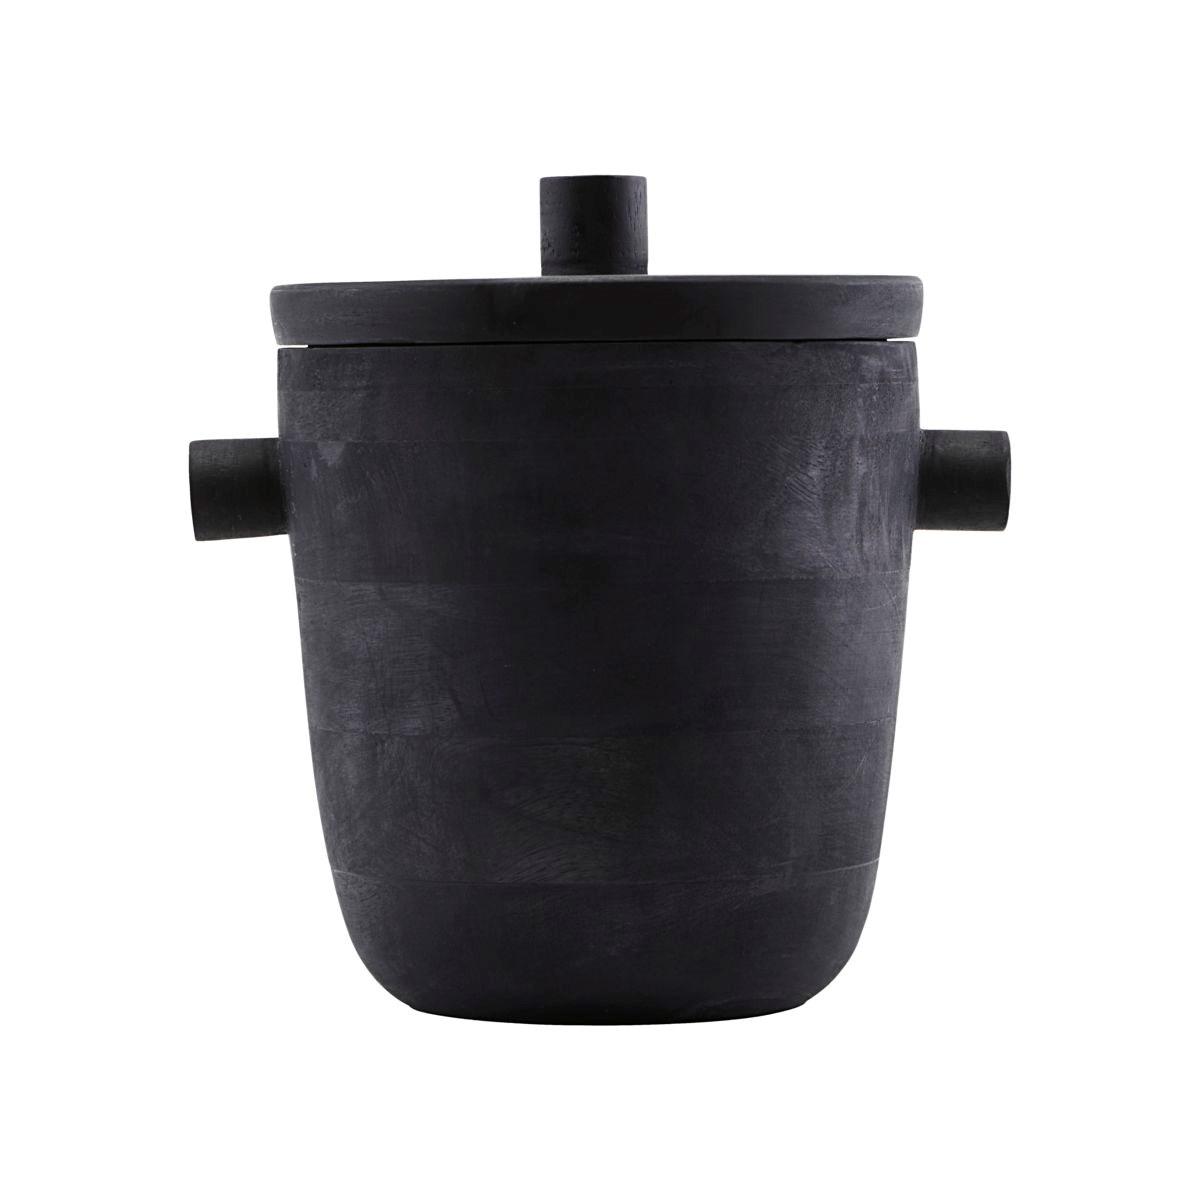 Chladič na víno/ kbelík na led ASK černý_0